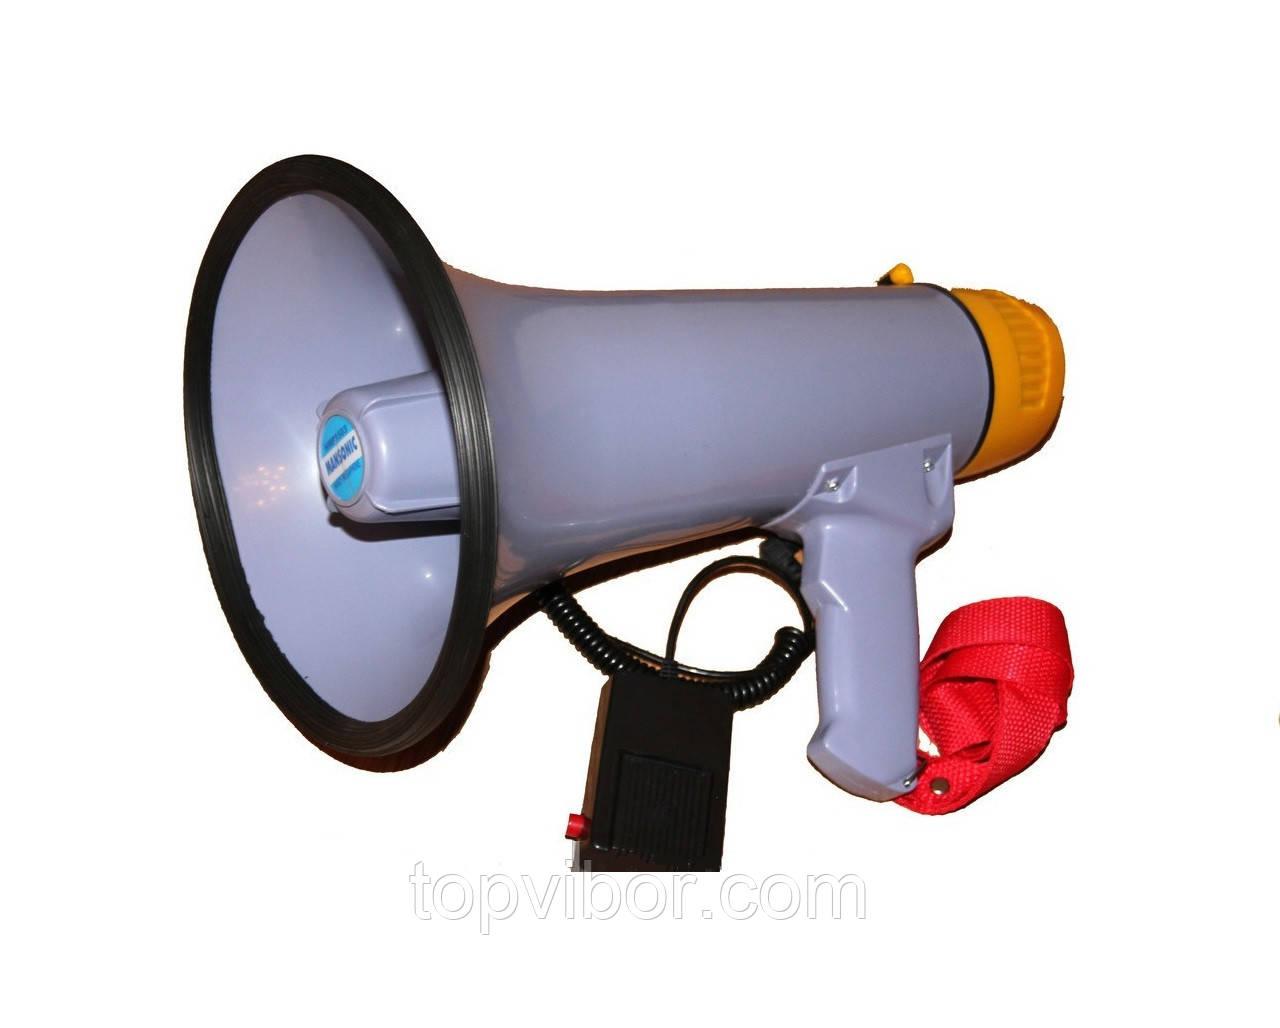 Рупор-мегафон ручной переносной MANSONIC HMP 1503, 15 Вт - ТОП-ВЫБОР! www.topvibor.com в Киеве